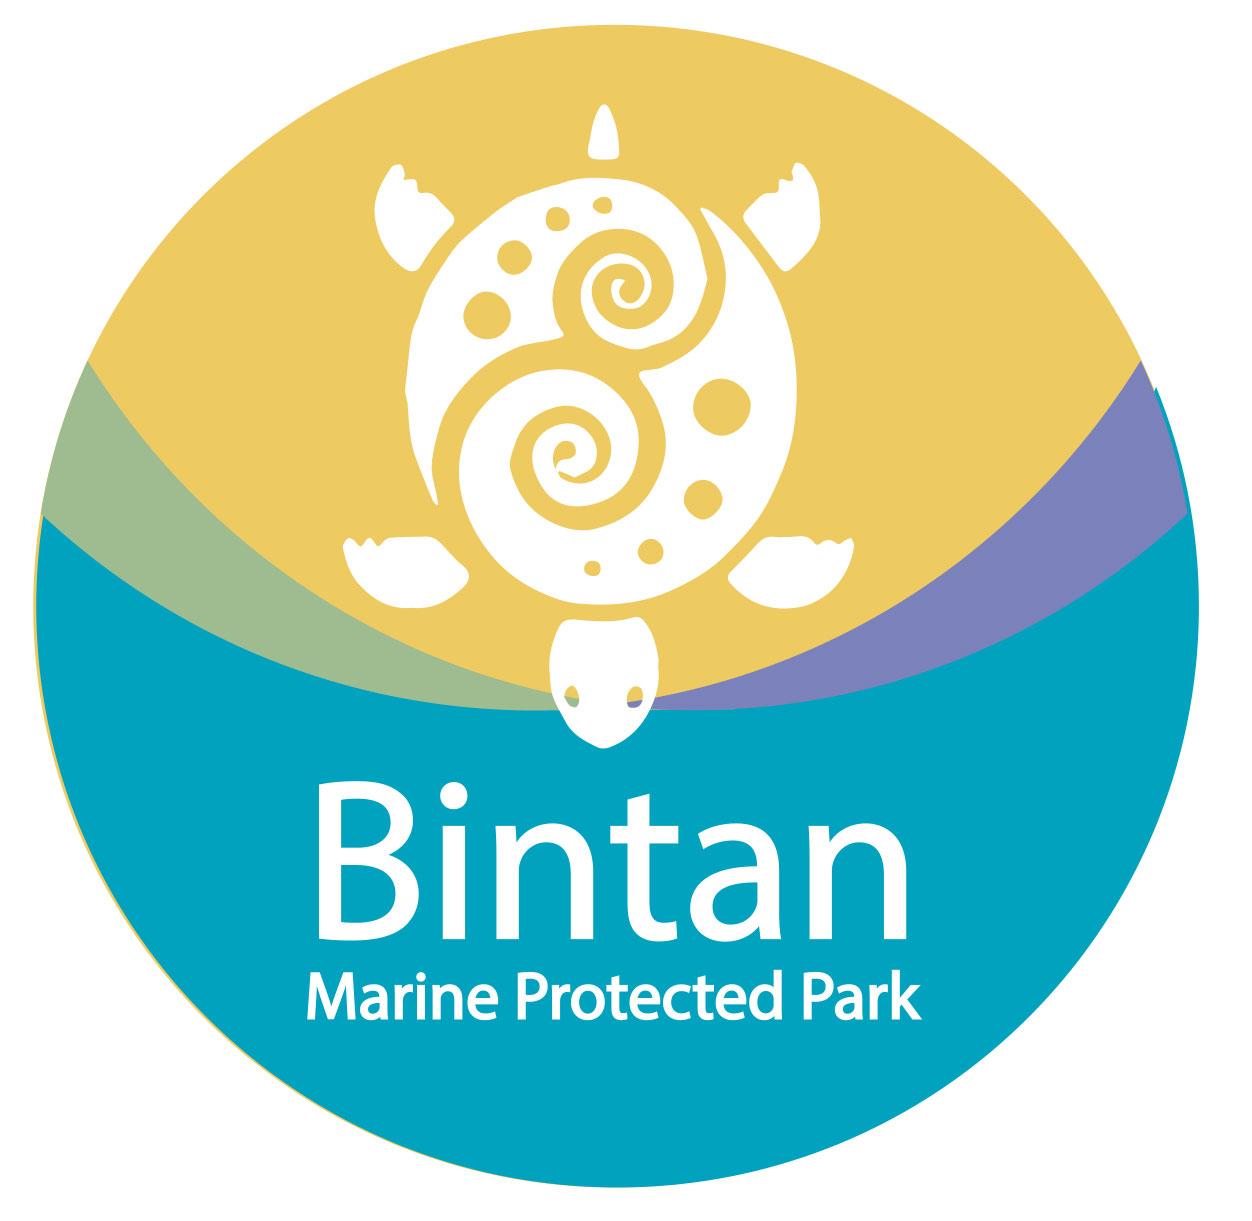 Bintan-MPA-Branding.jpg